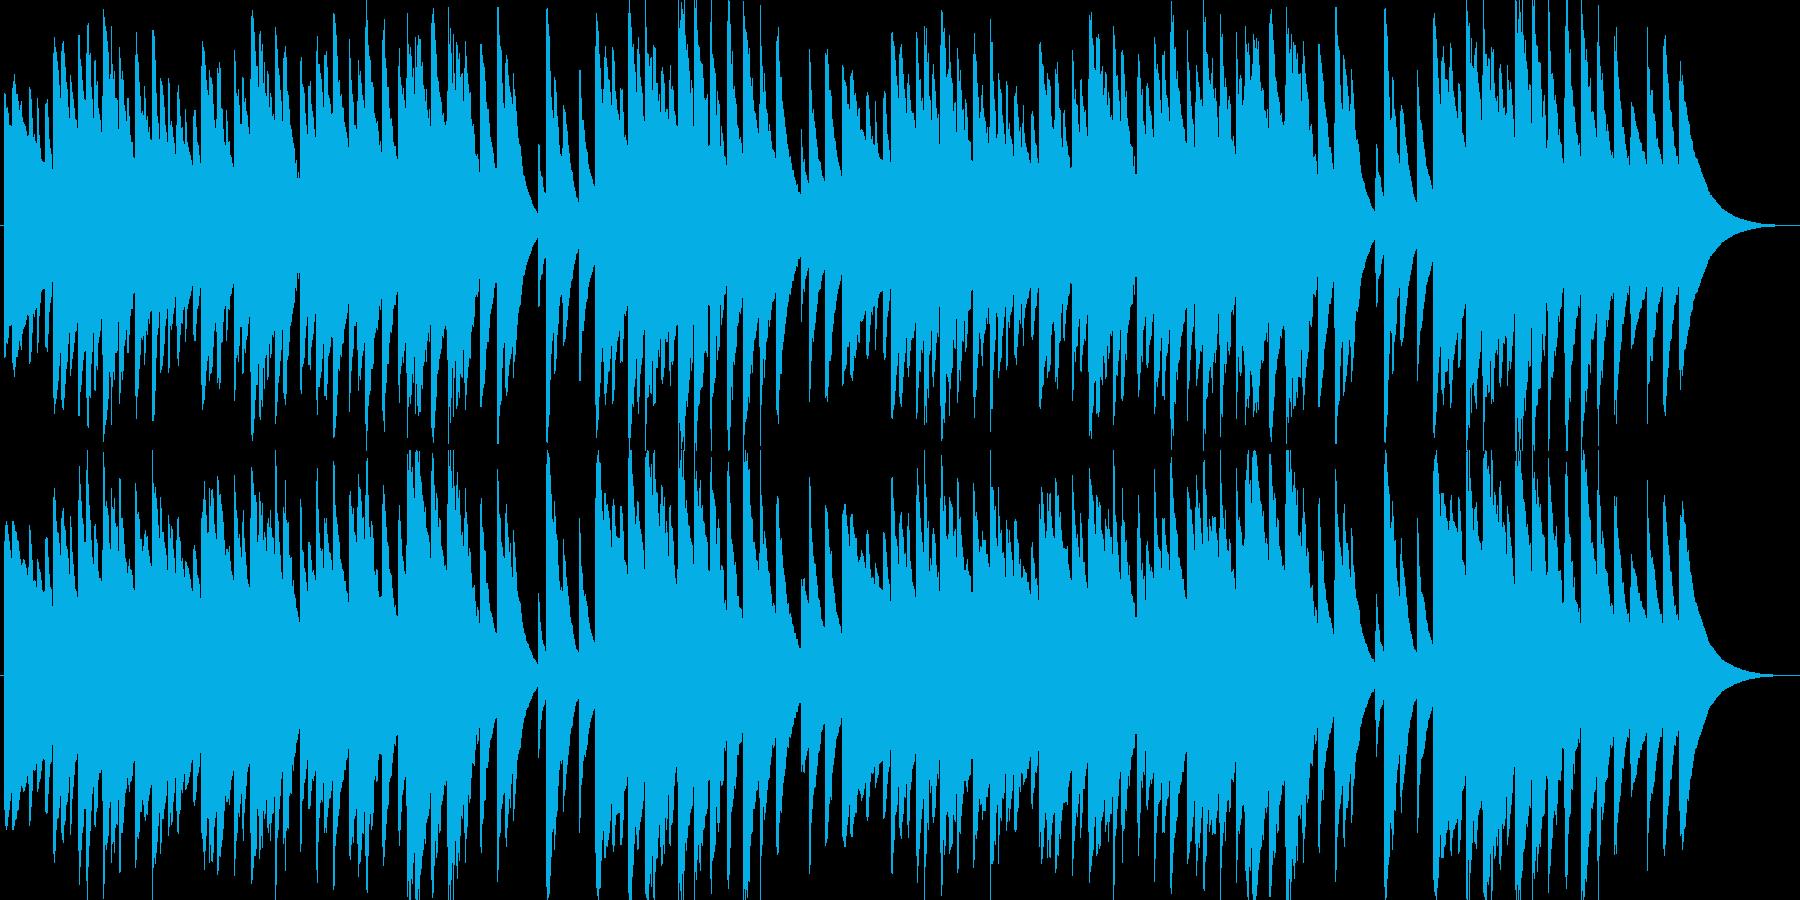 日本の歌・唱歌「ふるさと」のオルゴールの再生済みの波形